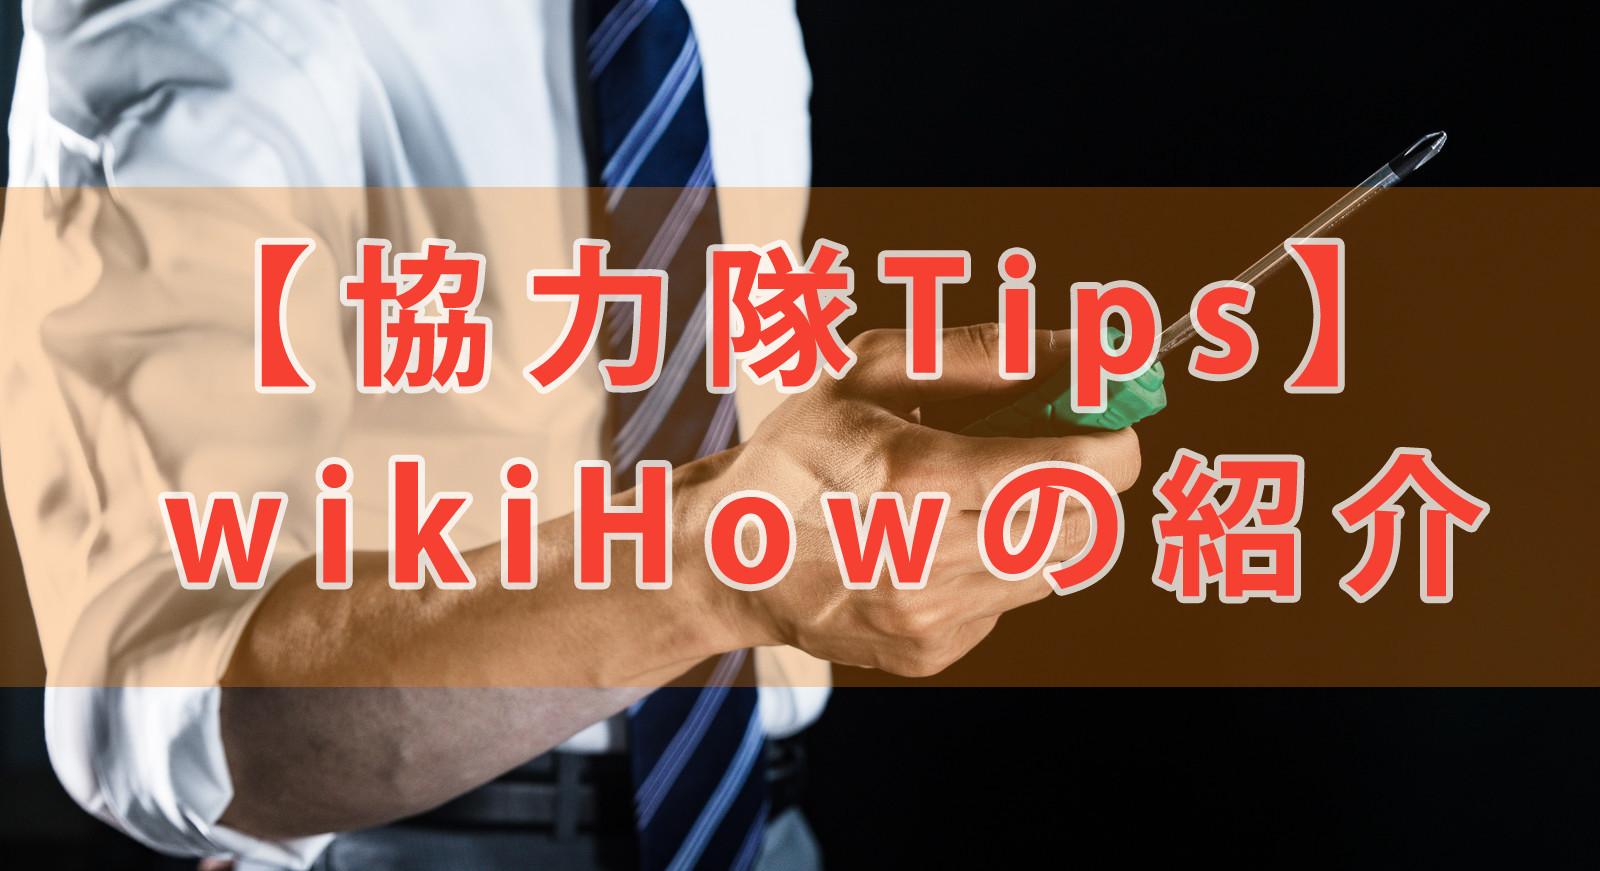 【協力隊Tips】wikihowの紹介